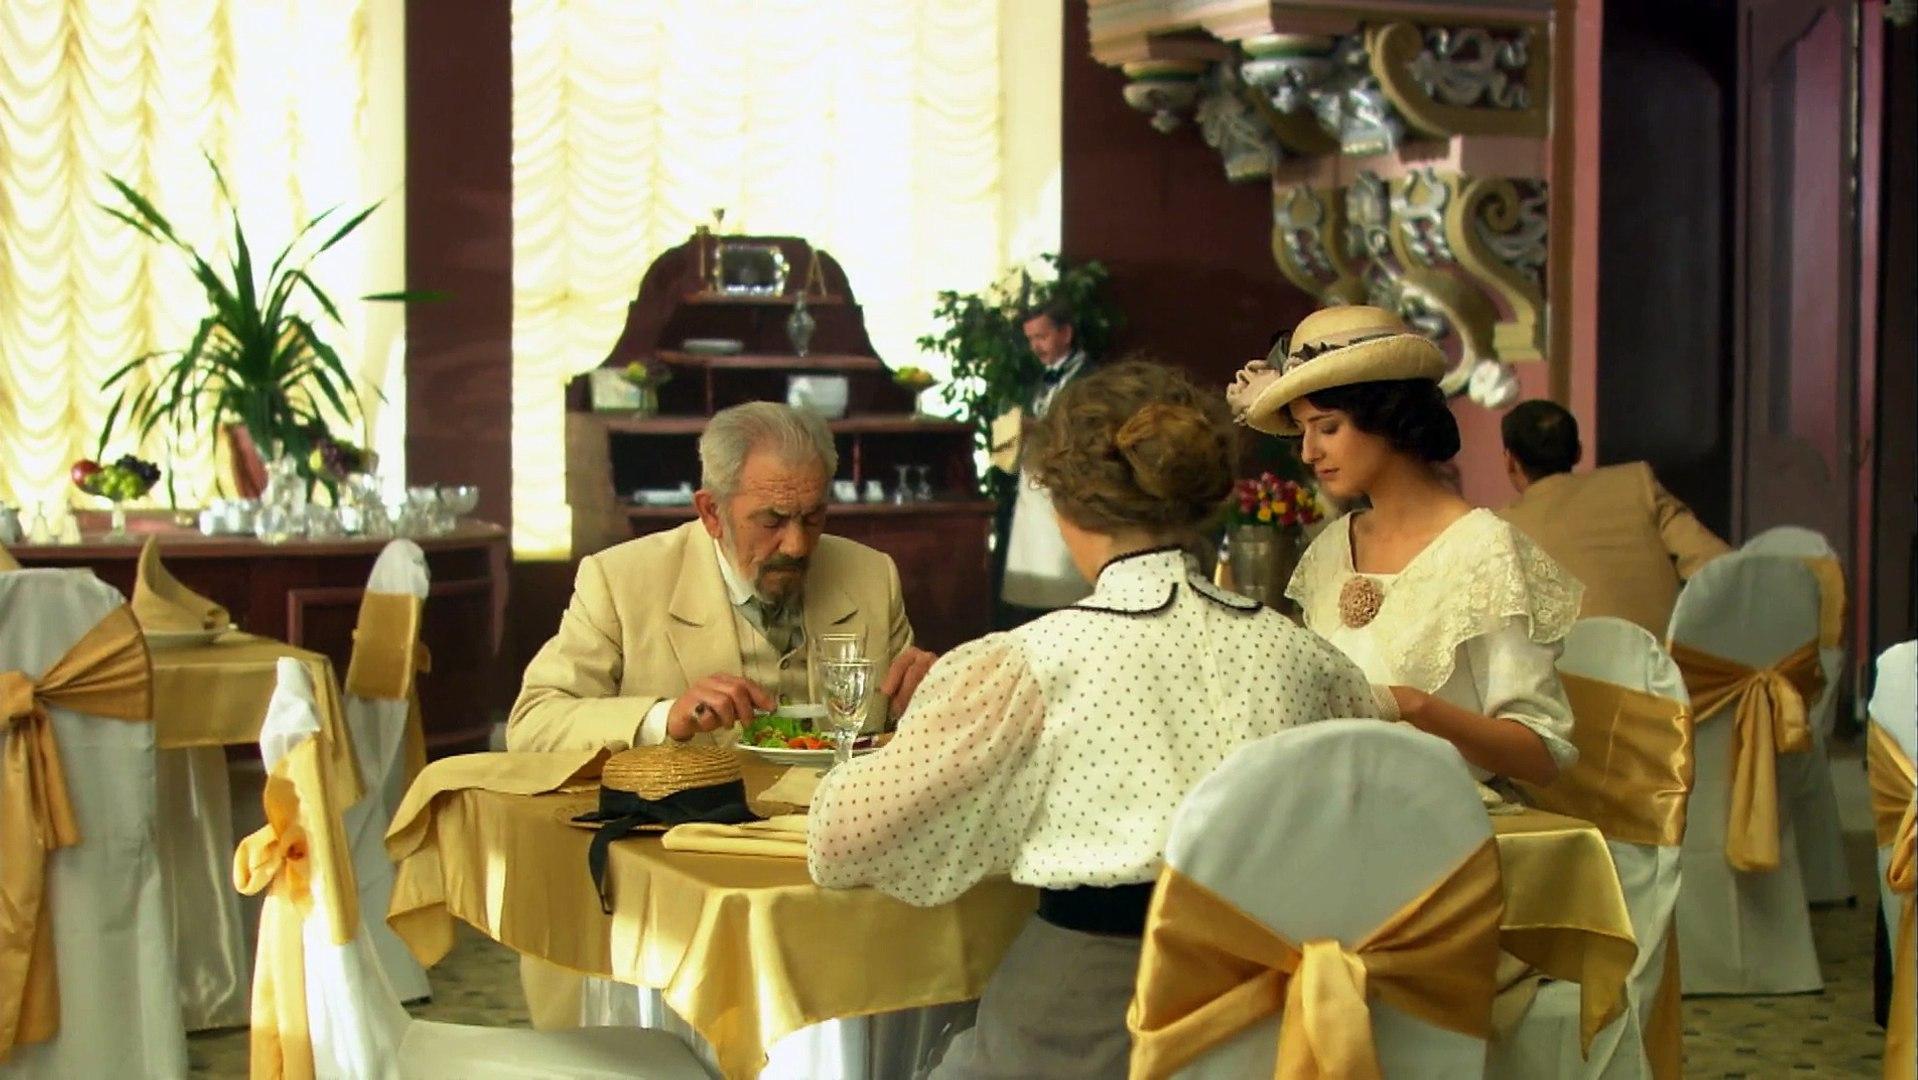 Жизнь и приключения Мишки Япончика (2011) - 1 серия HD (1080p) смотреть онлайн